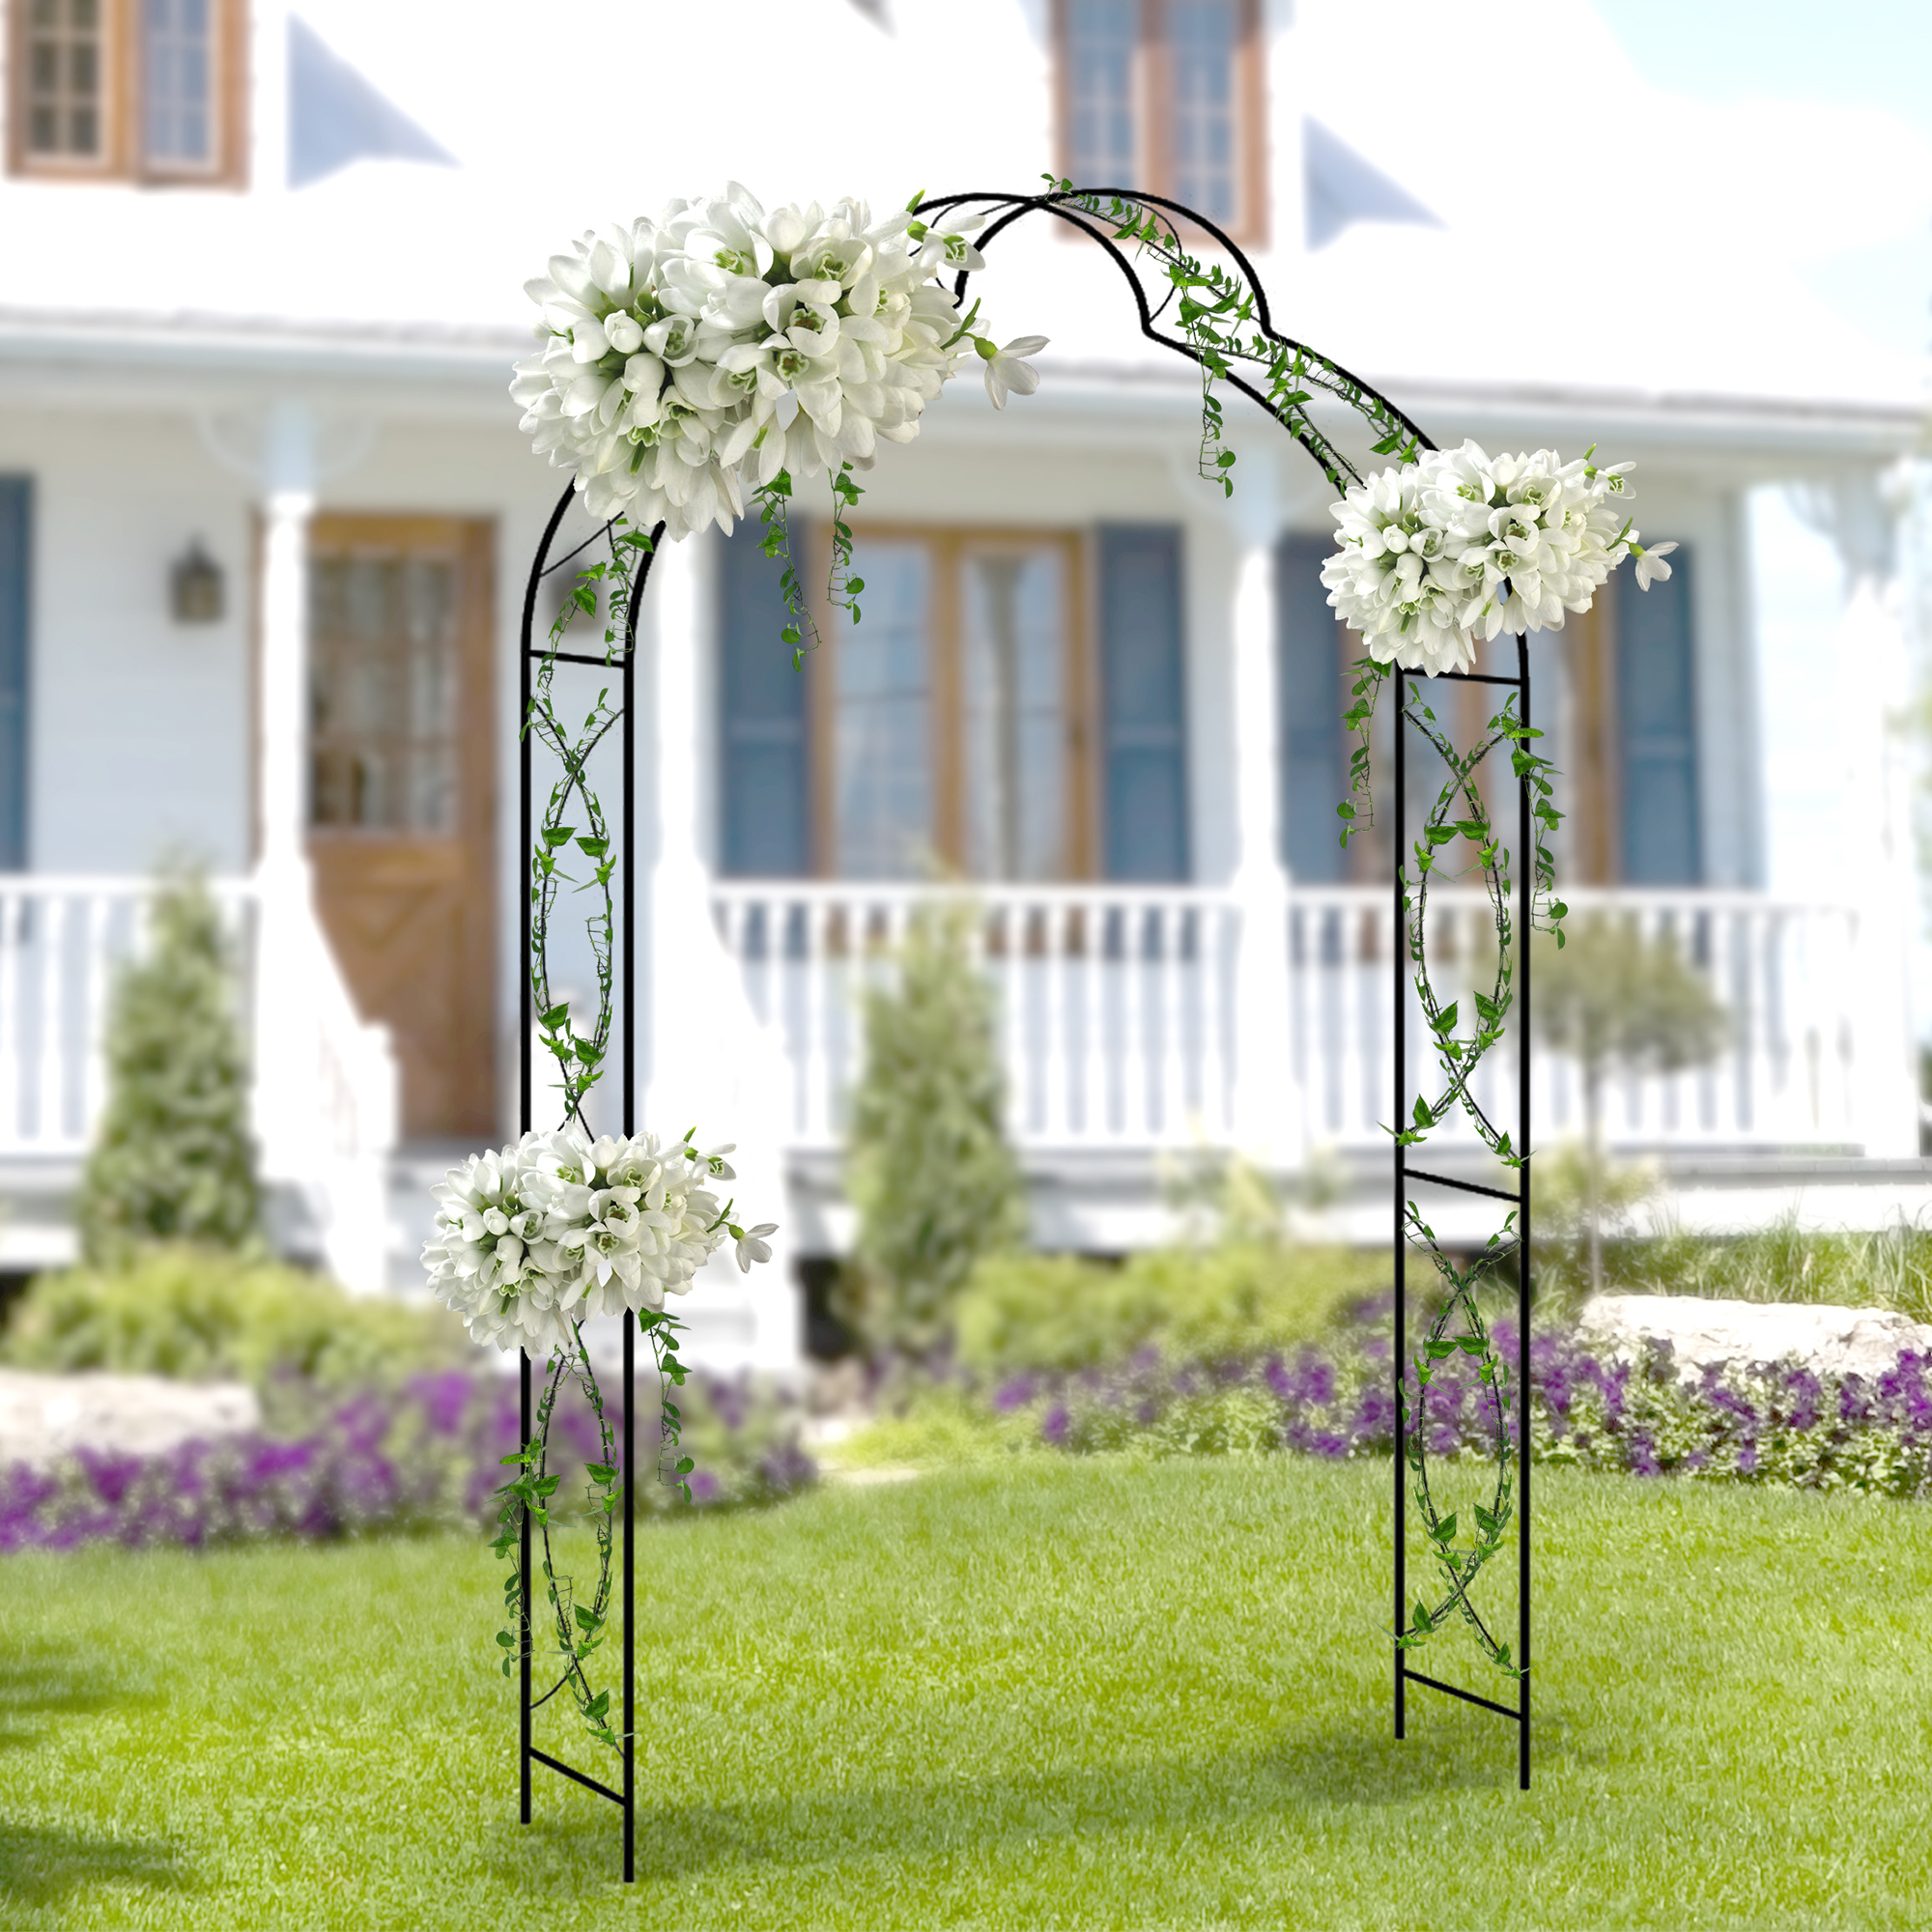 金属花园拱门宽59.1英寸户外家具装饰攀缘植物婚礼新娘派对